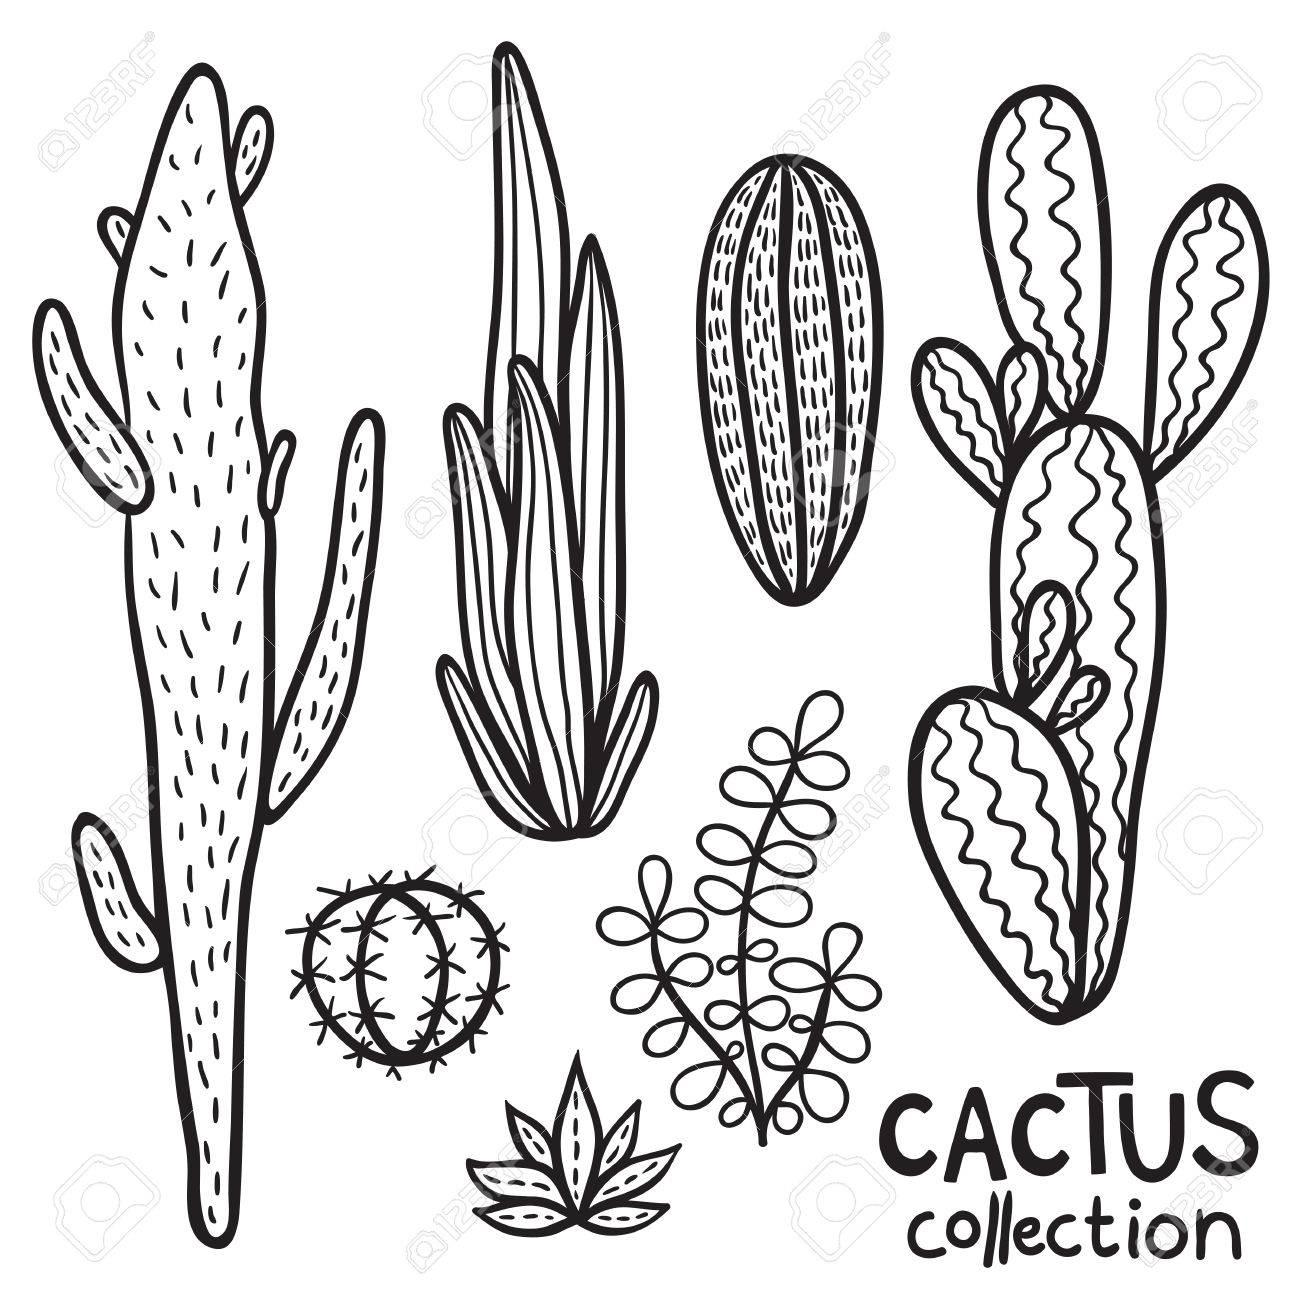 hand drawn cacti abstract